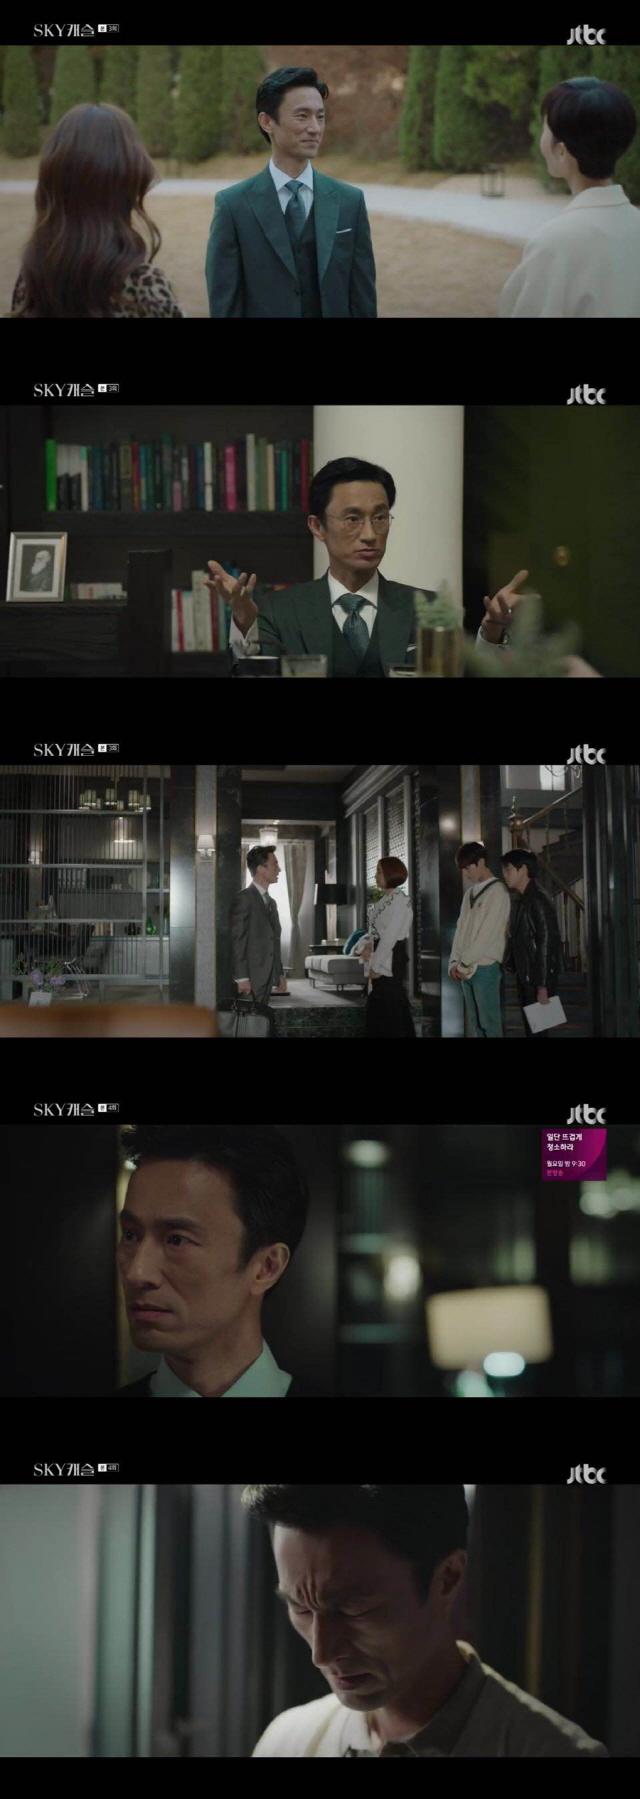 'SKY 캐슬' 김병철, 점점 드러나는 '야망의 화신' ...군림하는 가장의 행보 주목